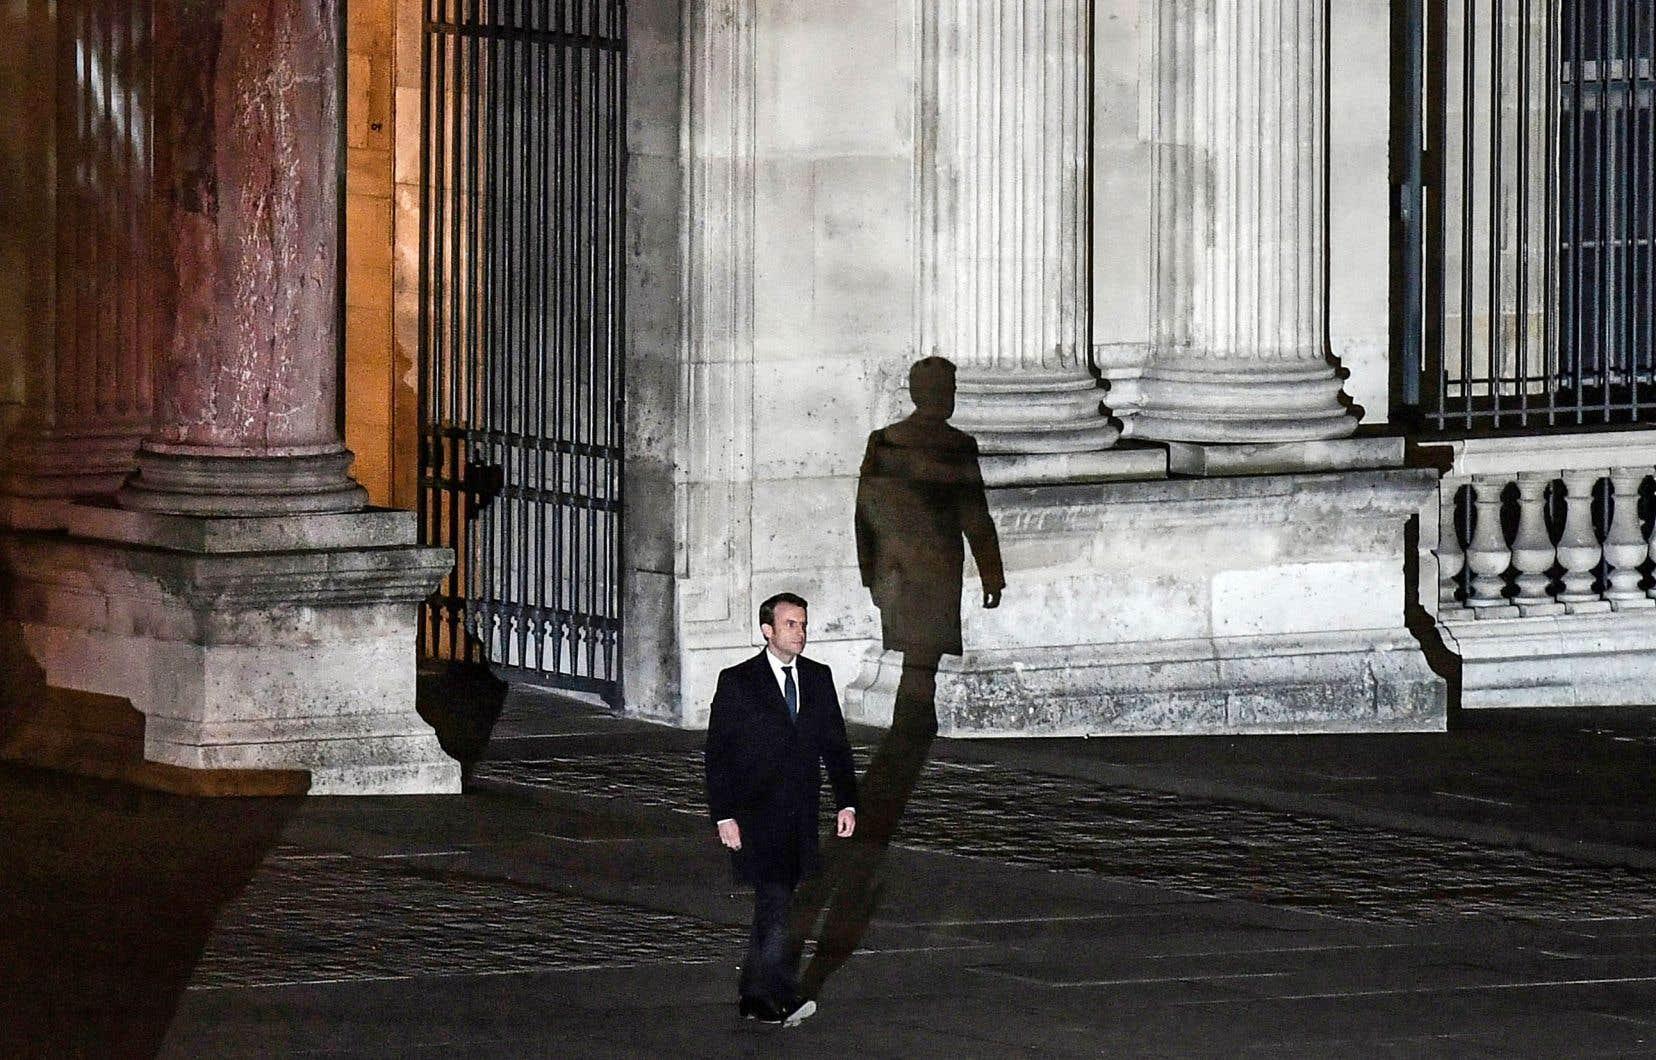 Le président n'a la confiance que de 41% des Français, mais il ne semble pas y avoir lieu de paniquer: un an après son élection, Nicolas Sarkozy n'avait la confiance que de 32% de la population, alors que François Hollande n'avait le soutien que de 24% de celle-ci.